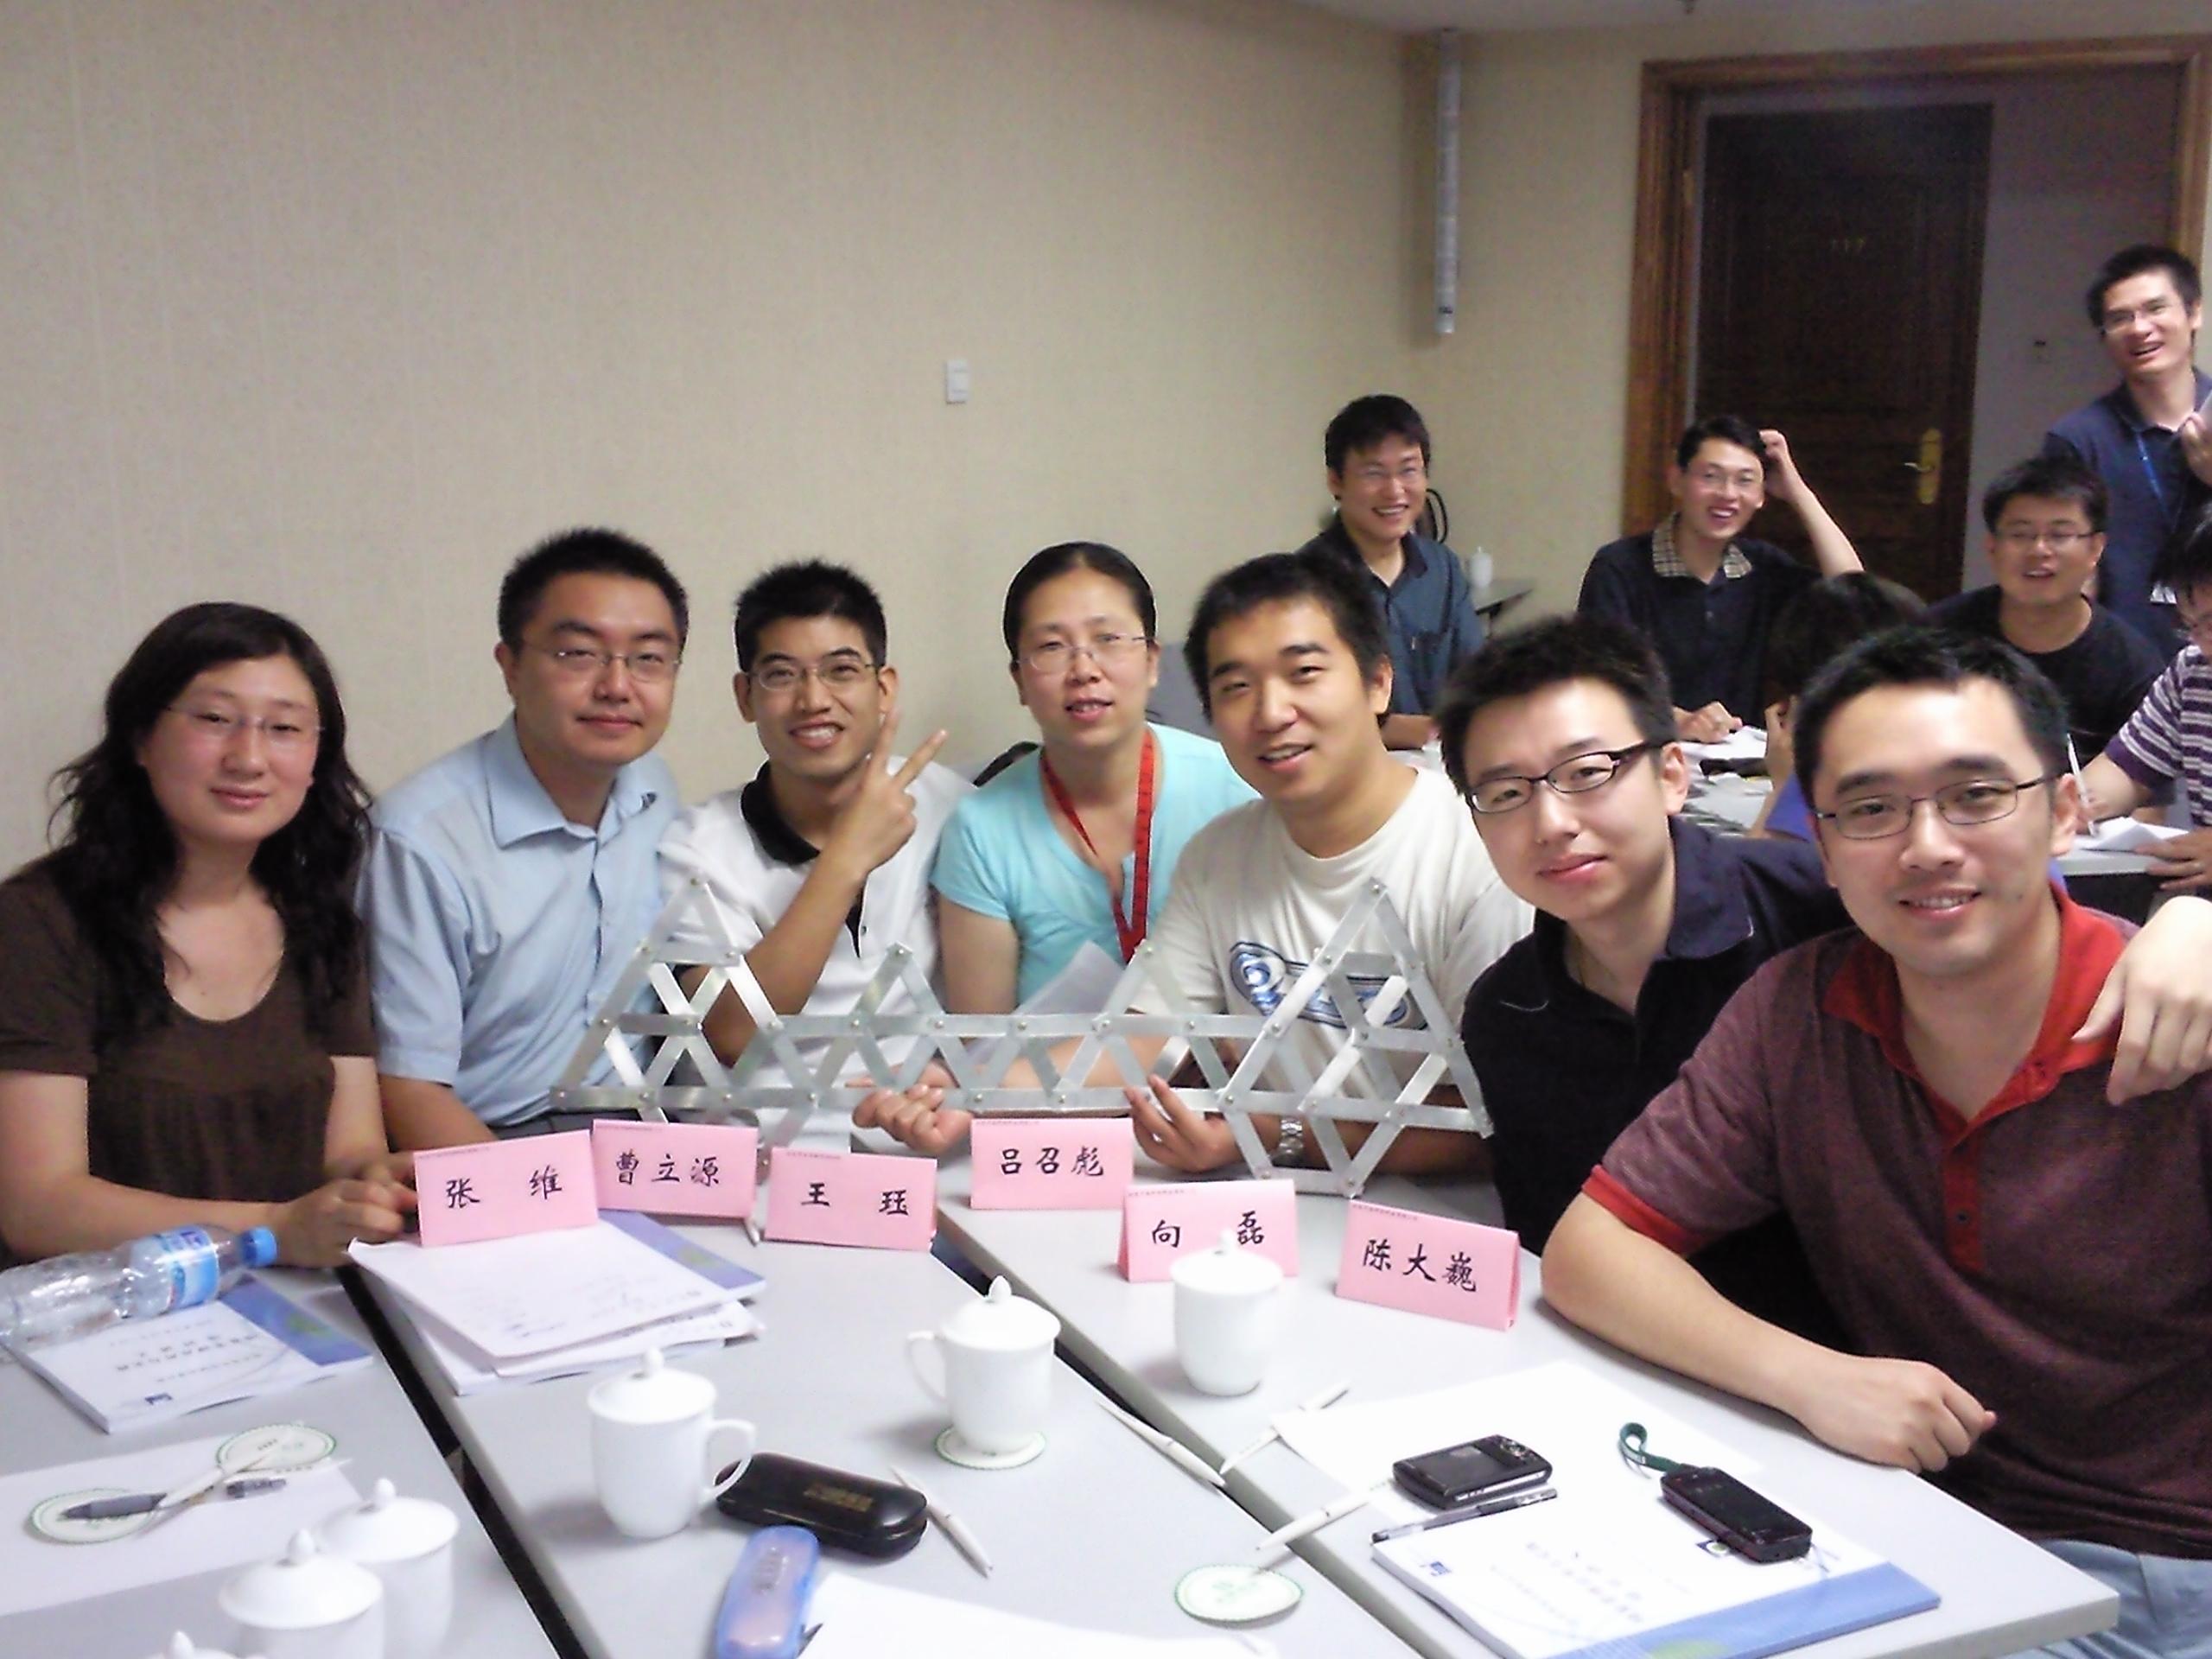 北京电信规划设计院有限公司《项目管理应用与实践》 内训课程于2009年6月18-20日在首体宾馆如期举办。   本次培训共有33名学员参加,开课前,郭院长做了开班动员,并介绍了董老师。   讲师在培训中把学员分为6个小组,组成培训期间的临时团队。董老师首先介绍了这三天的培训内容和安排,然后,每个组开始写了这次培训的目标。本次培训课程围绕项目管理的启动、计划、执行、控制、收尾五大过程和项目经理的角色职责展开,并穿插游戏、案例进行讲解。   通过此次培训,学员们系统的学习了项目管理五大流程的知识,了解了项